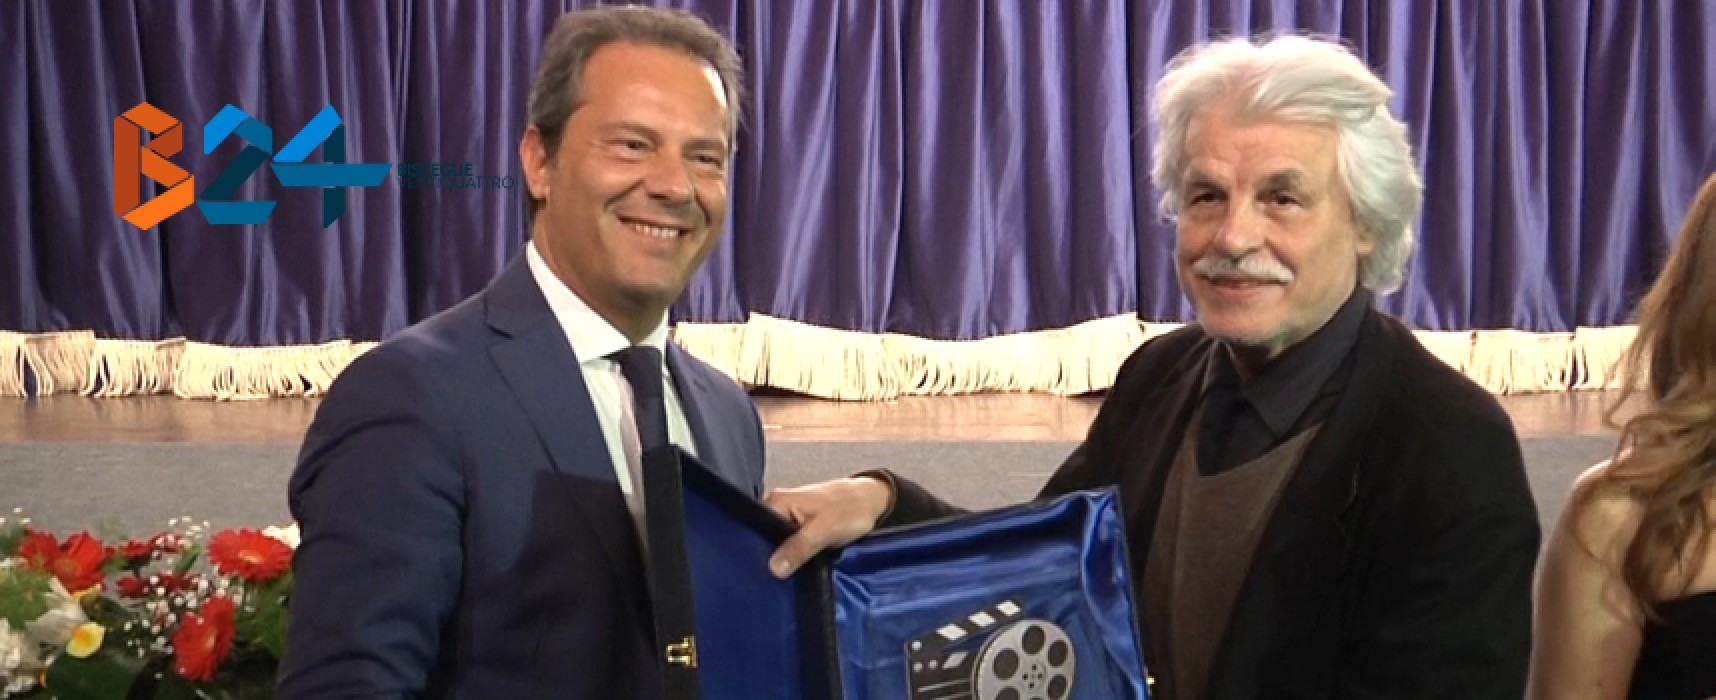 """Anteprima nazionale film """"La scelta"""", l'entusiasmo di Spina, le lodi di Placido / VIDEO"""